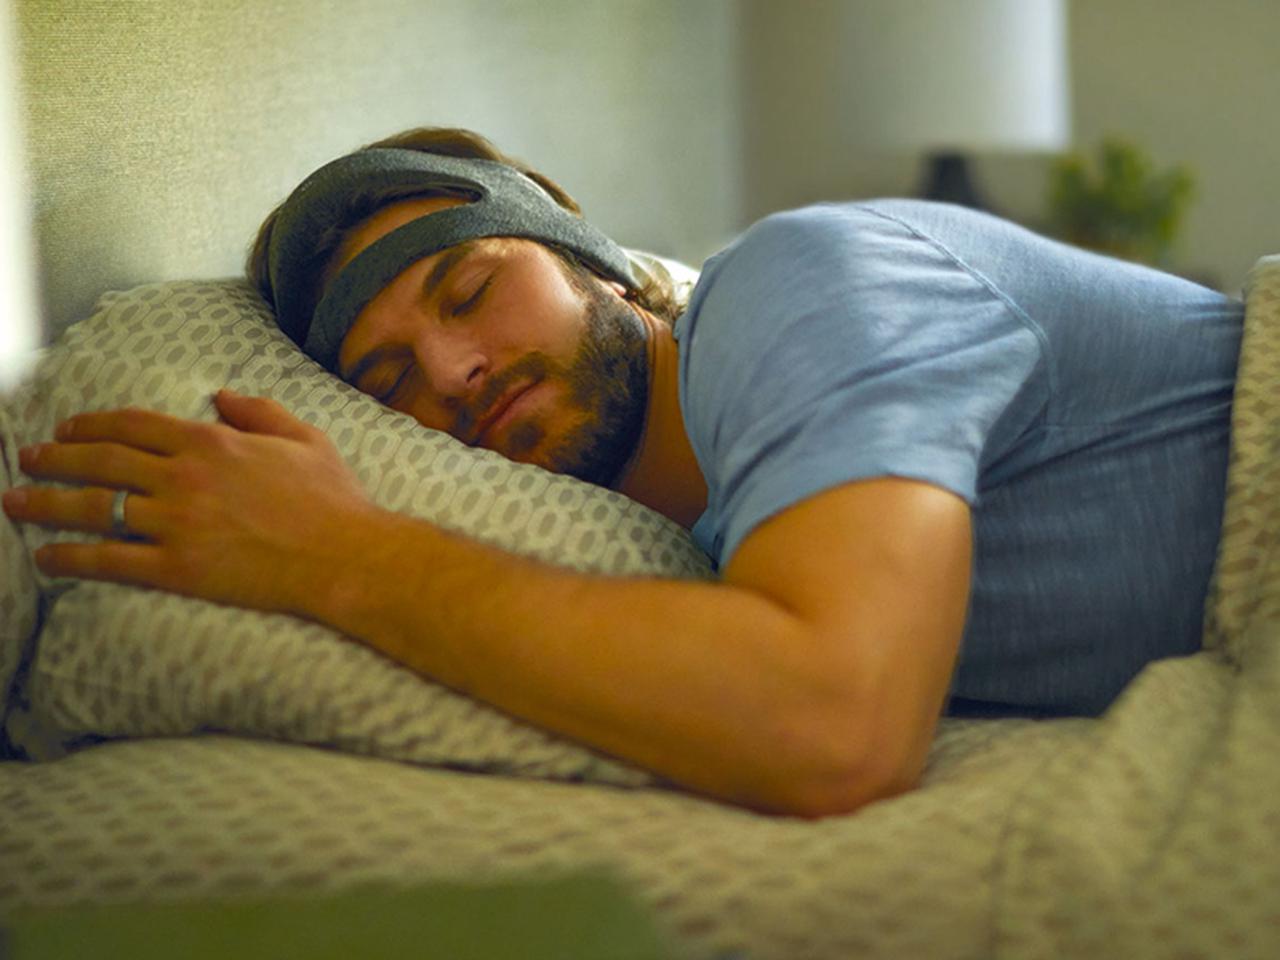 画像: 推奨年齢は、18歳以上50歳以下。というのも、 徐波 の振幅は年齢とともに自然に減少するため、生理的に深い睡眠が出ない人もいて、効果が期待できない場合もあるという。 ※徐波とは、α波より周波数が低い脳波のこと。睡眠が深くなったり意識水準が低下したりすると、高振幅の徐波が現れる。